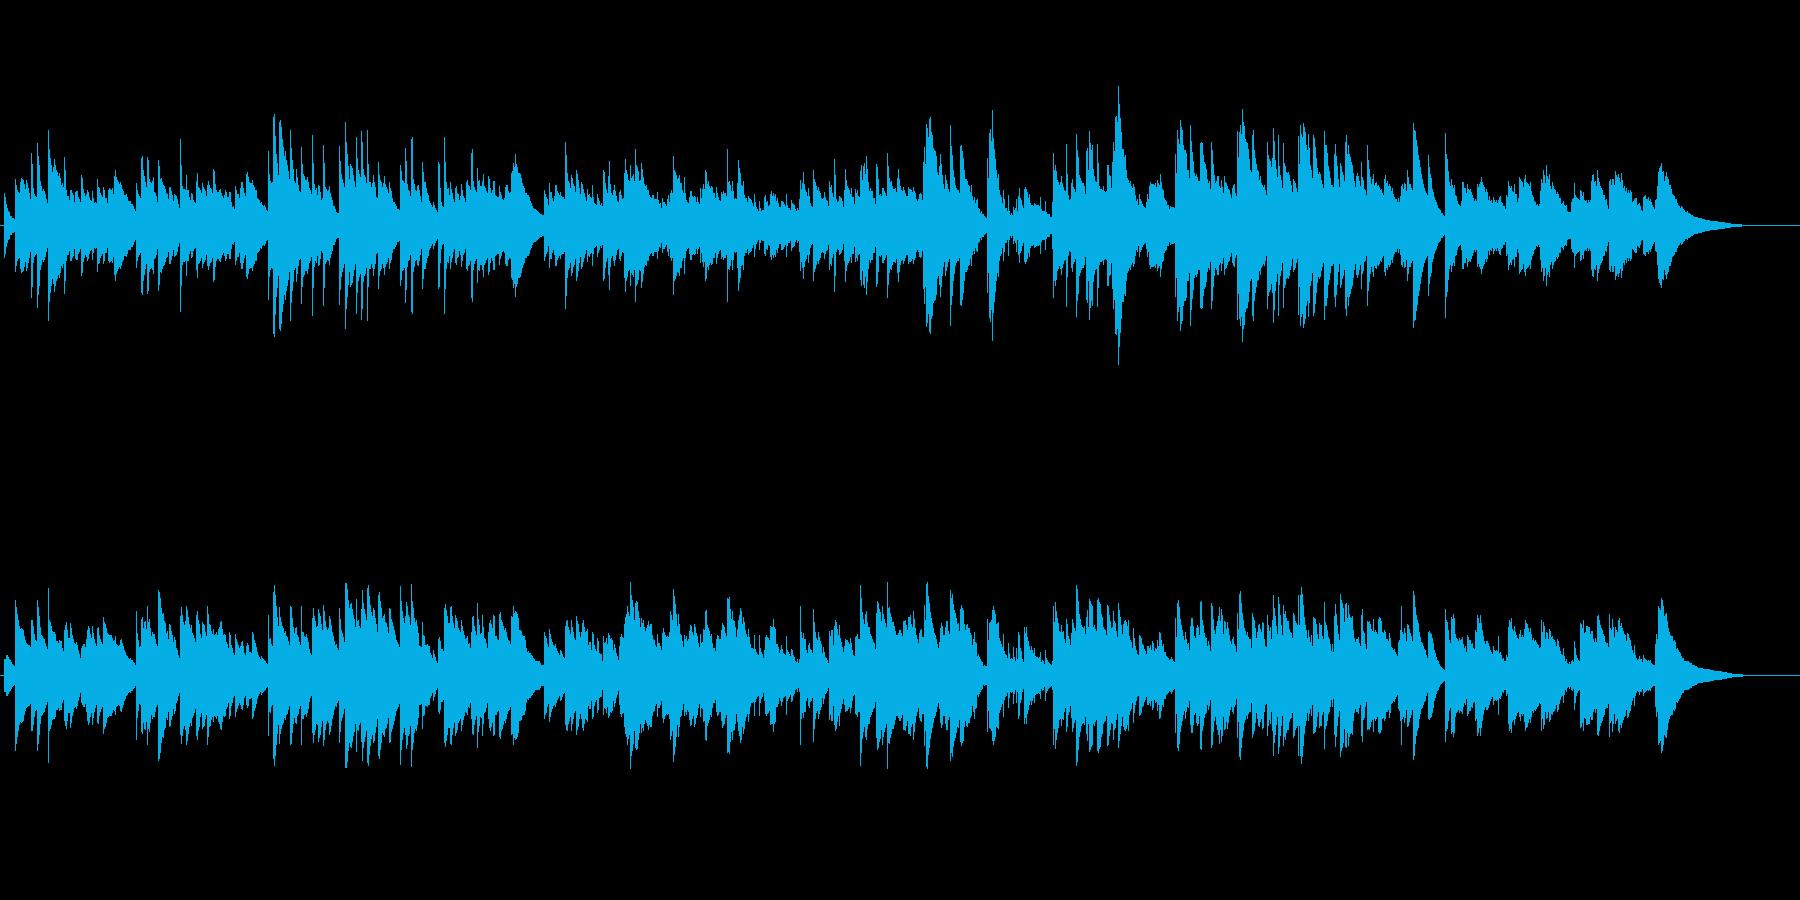 【ロング版】寂しい雰囲気のオルゴールの再生済みの波形